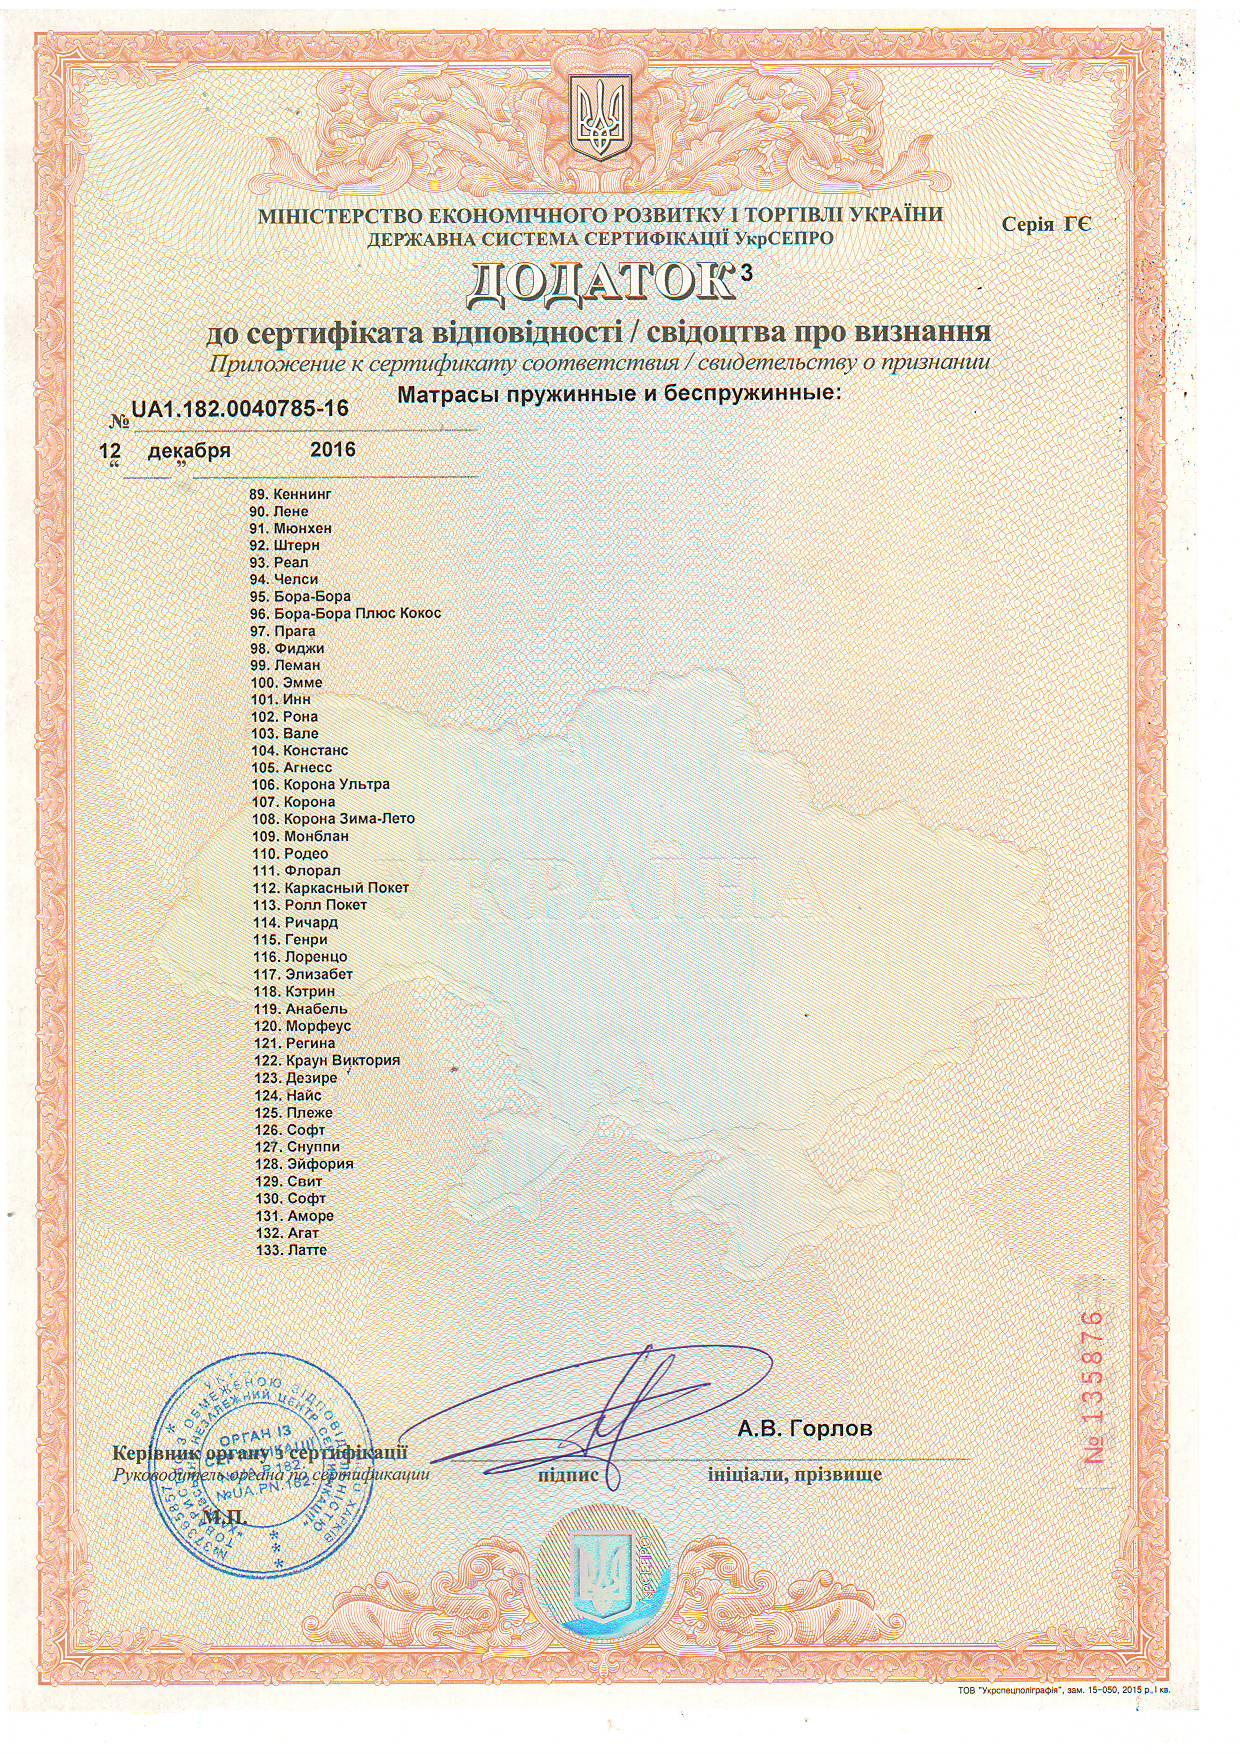 Дополнение 3 к Сертификату соответствия качества матрасов пружинных и беспружинных.